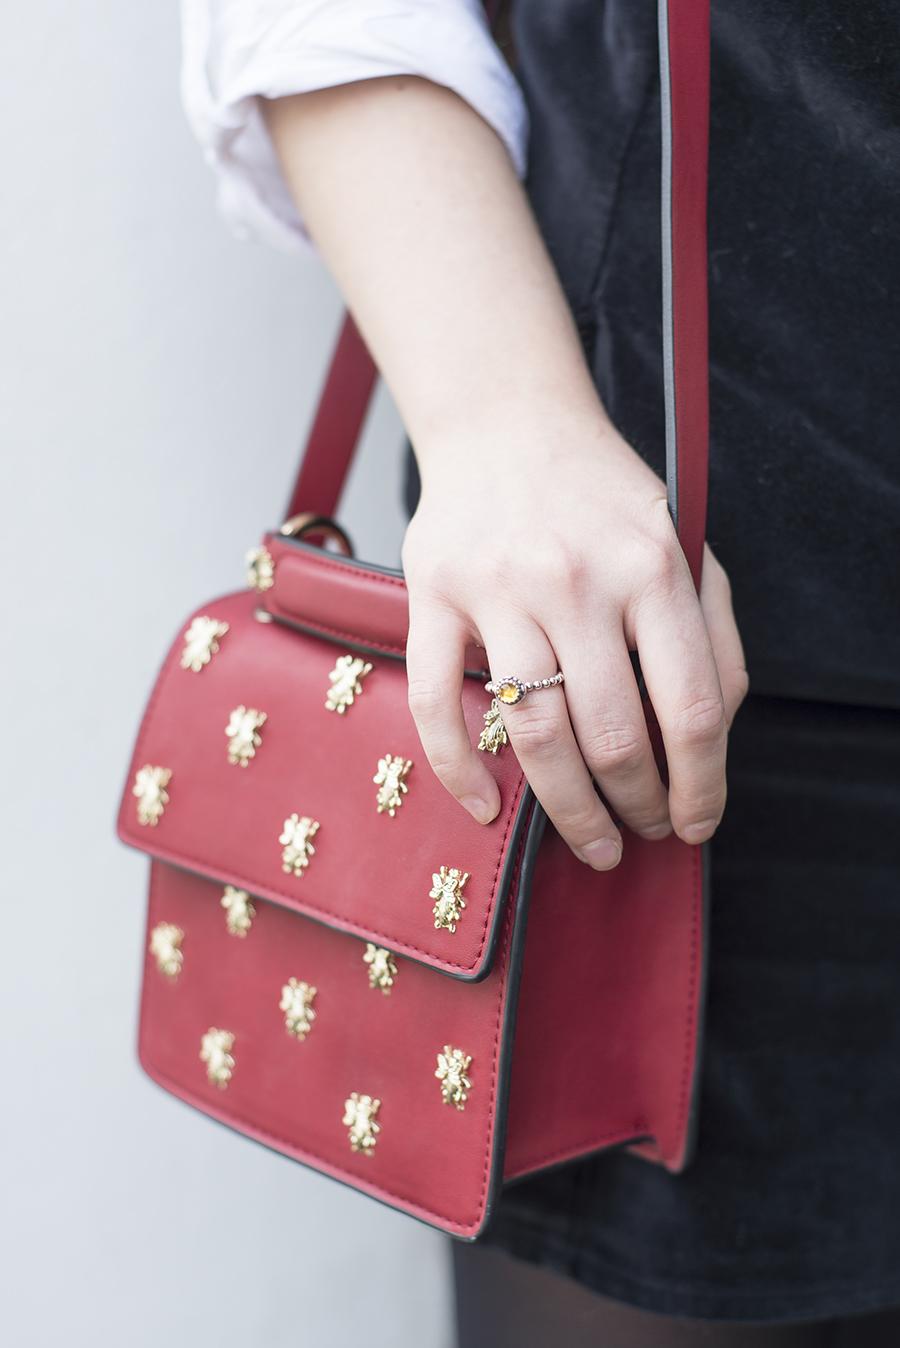 vegan-handbag-fashion-3